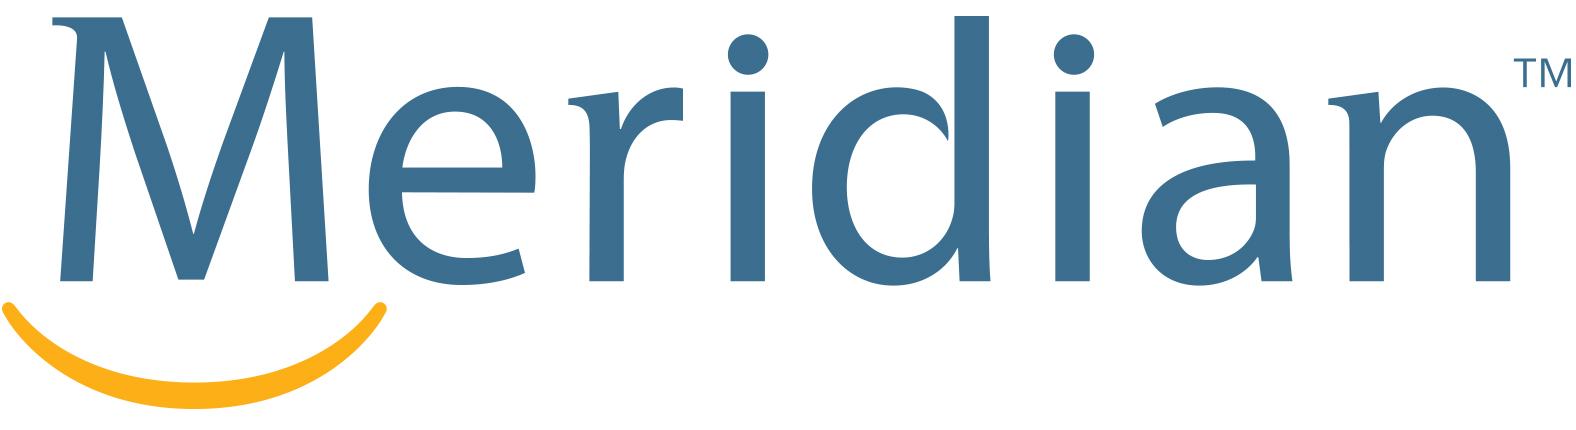 M logo (1).jpg